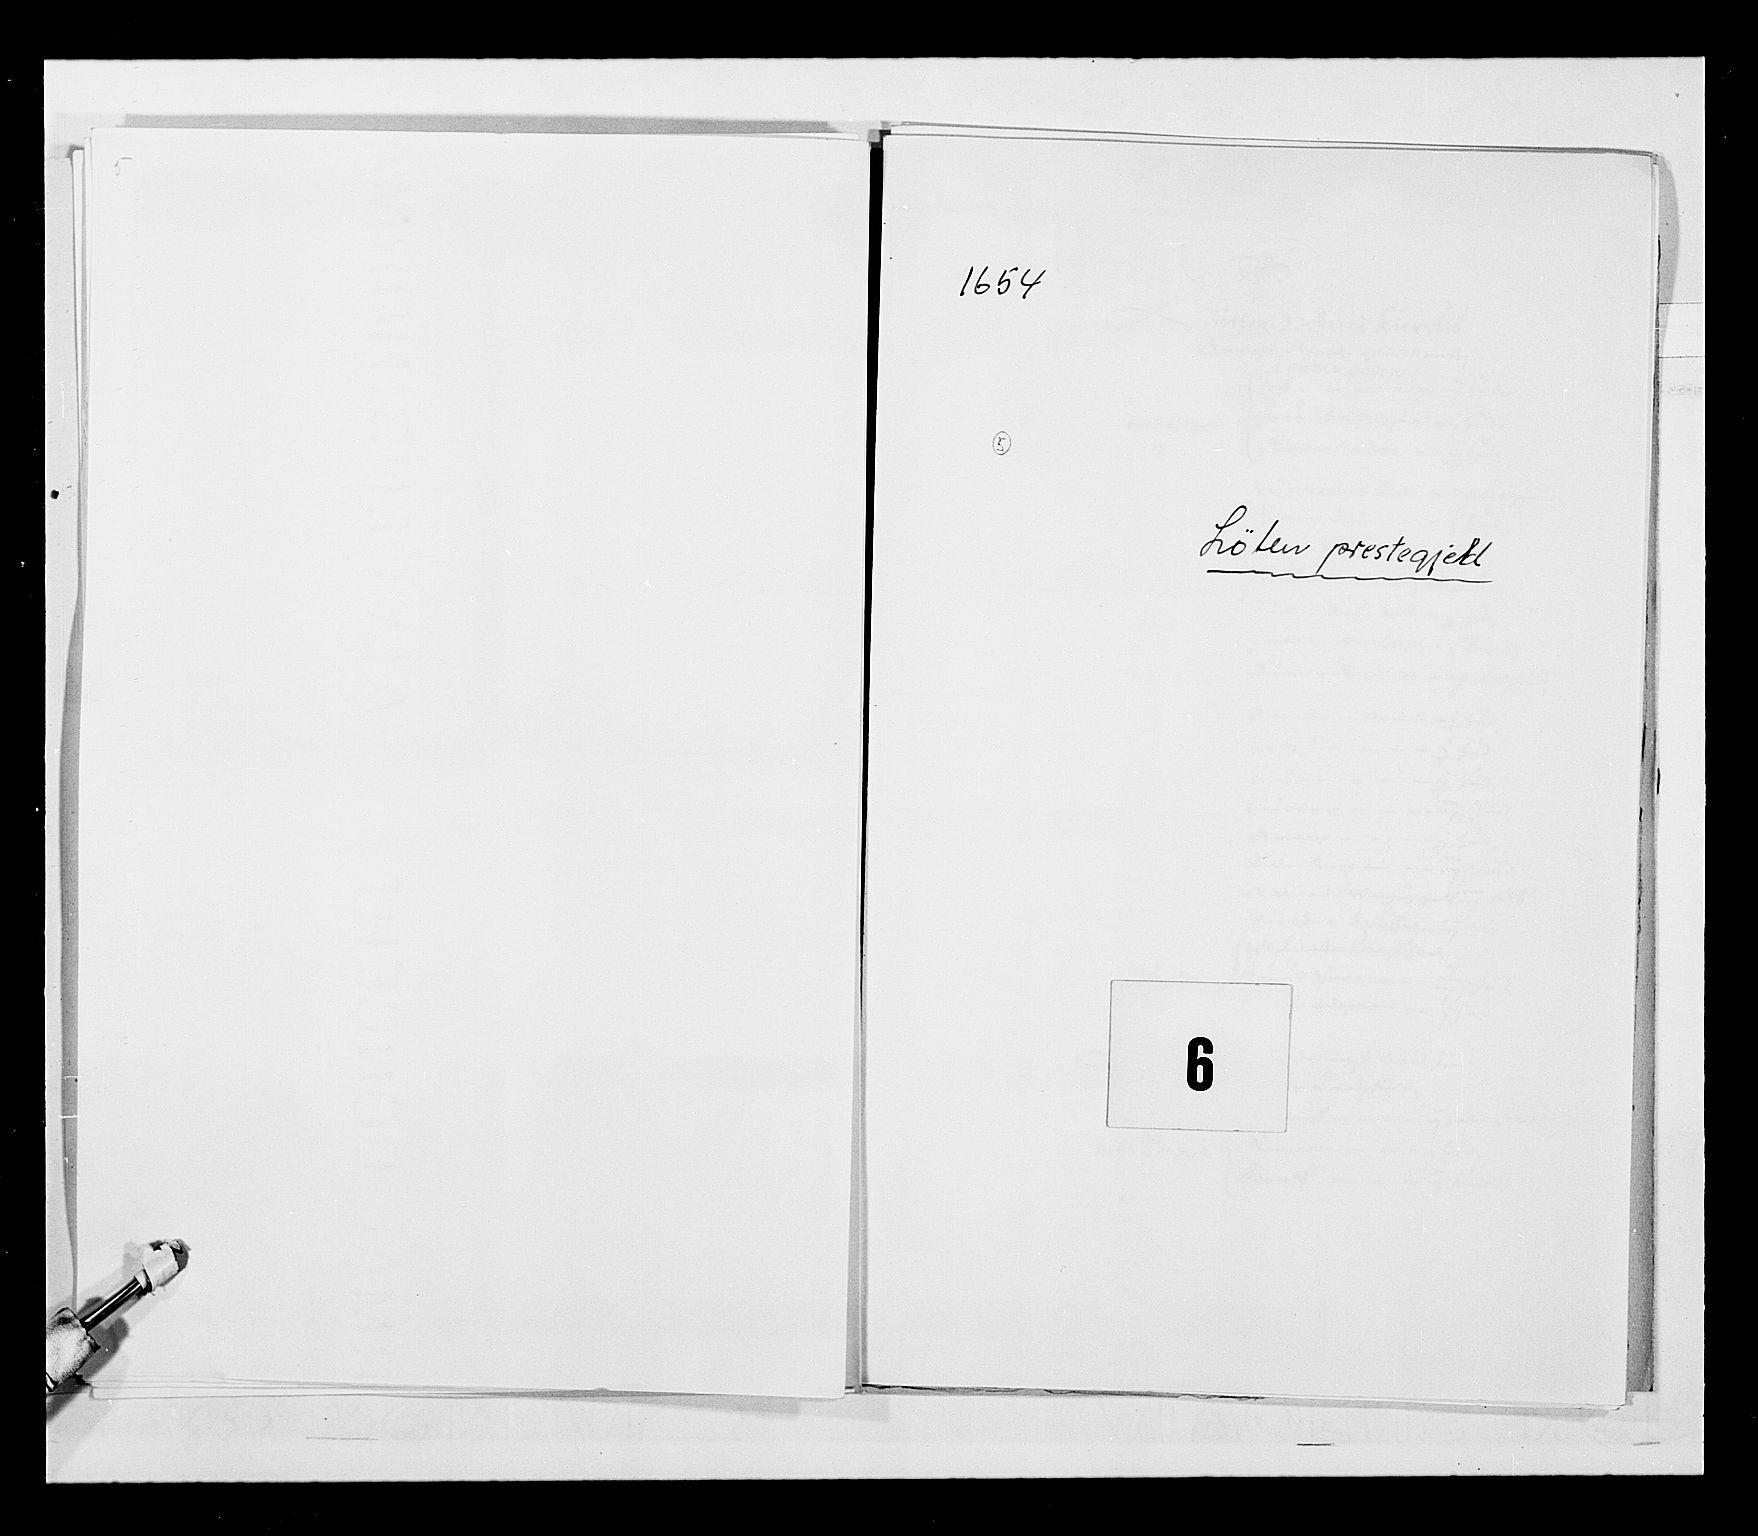 RA, Stattholderembetet 1572-1771, Ek/L0030: Jordebøker 1633-1658:, 1654, s. 16